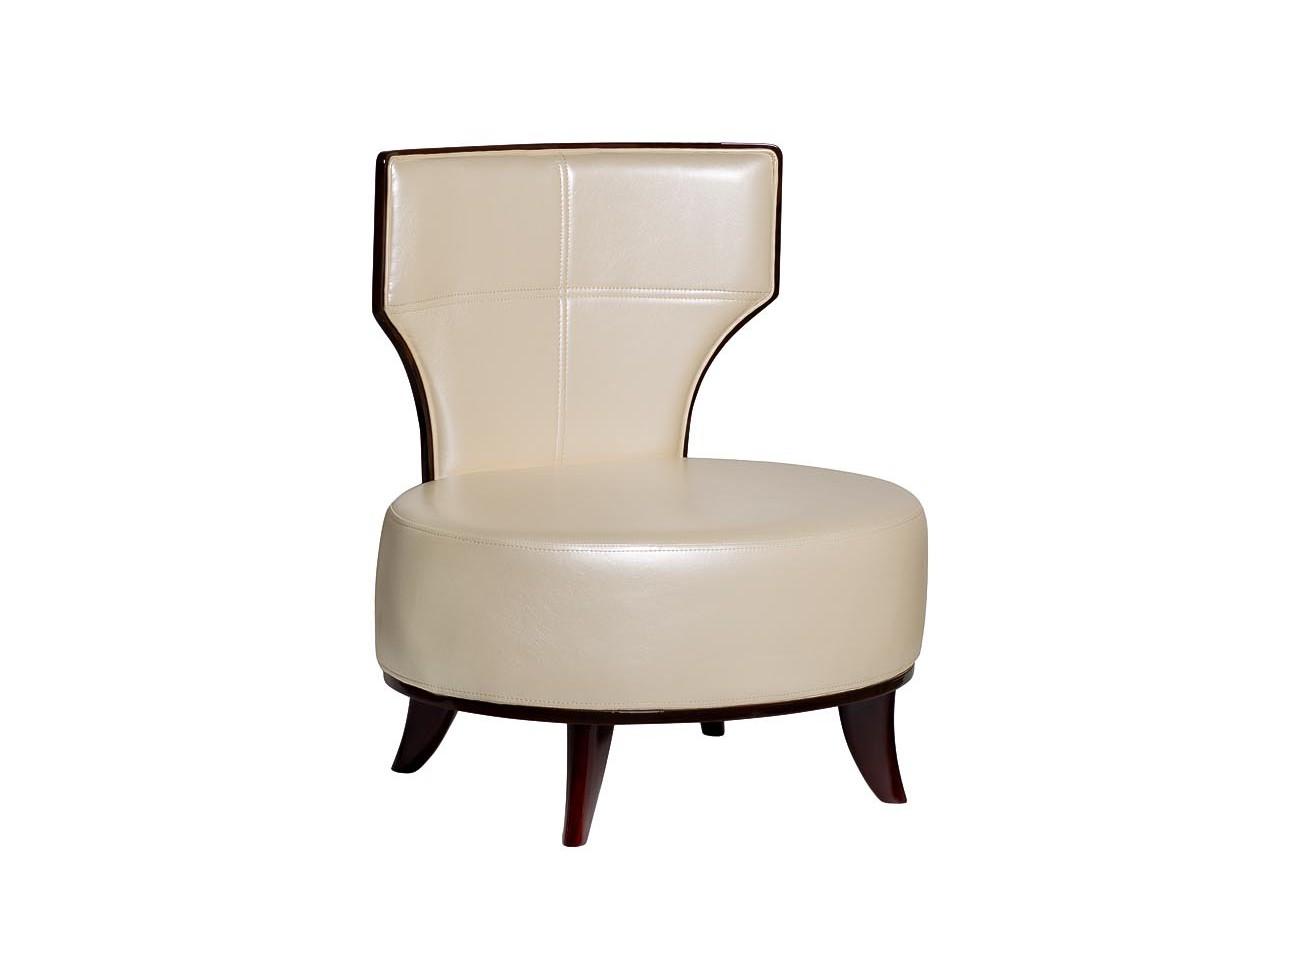 КреслоКожаные кресла<br>Материал: каркас - мдф, обивка - экокожа, ножки - пластик<br><br>Material: Экокожа<br>Ширина см: 82<br>Высота см: 86<br>Глубина см: 67